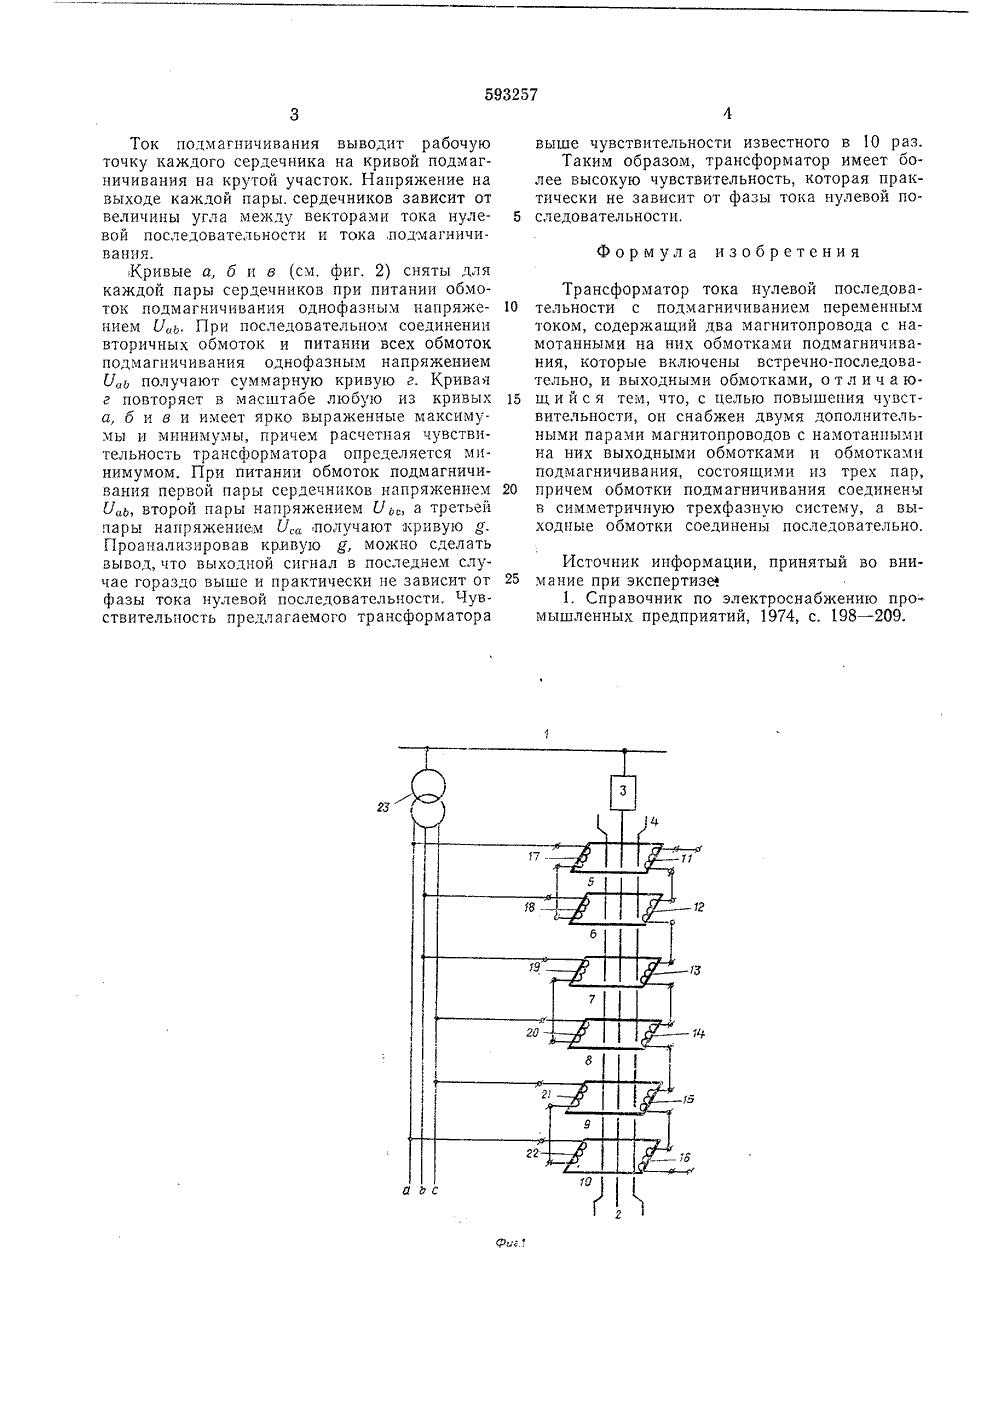 Трансформатор тока нулевой последовательности. Страница 2.